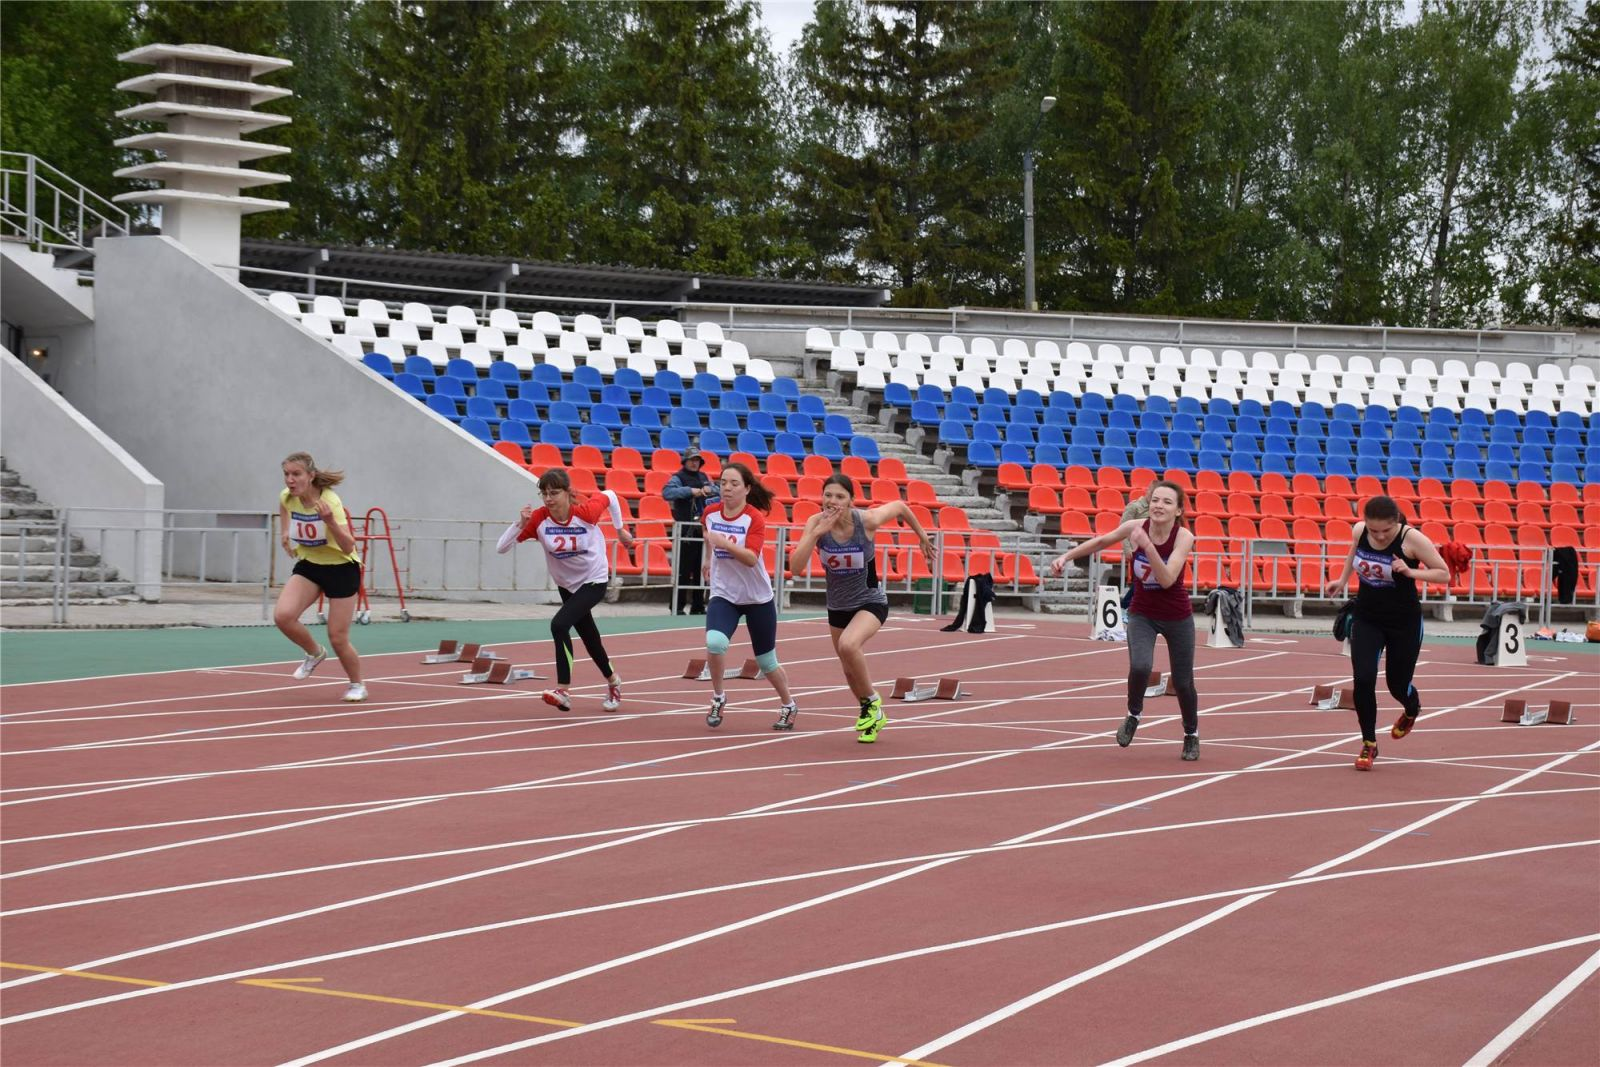 3 новых рекорда установлено на первенстве России по легкой атлетике спорта лиц с ПОДА в Чувашии